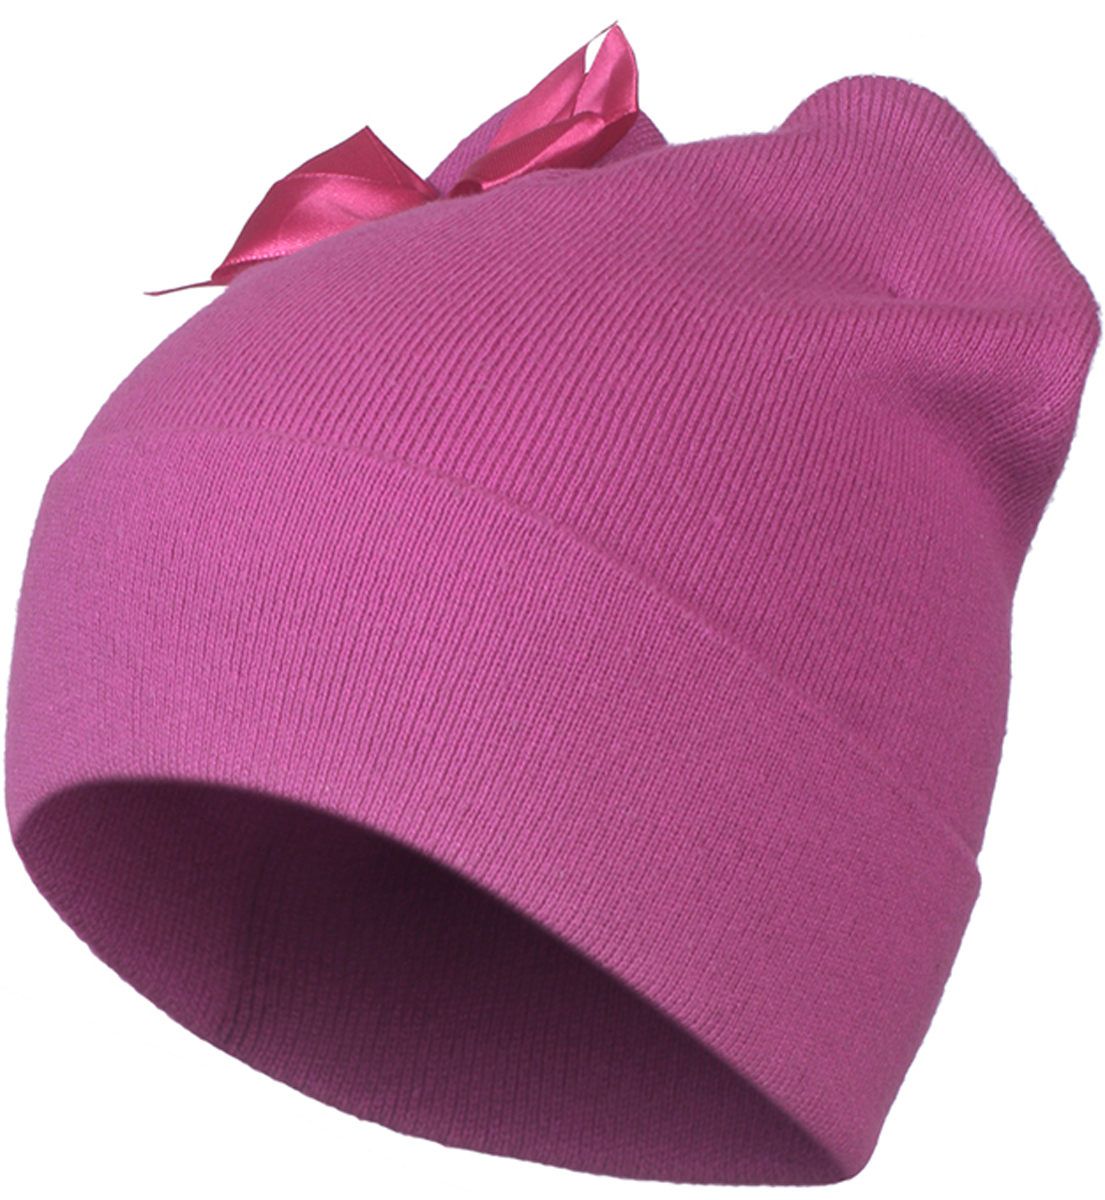 Шапка для девочки Oldos Руза, цвет: фуксия. 3O8HW06. Размер 50/523O8HW06Демисезонная стильная и практичная шапка от Oldos для девочки. Пряжа из хлопка и акрила очень нежная и приятная на ощупь, голове ребенка будет уютно и комфортно. Вязка плотная, такая шапка будет держать форму, не растянется и не деформируется. Декоративный отворот дает дополнительную защиту от ветра. Форма шапки с ушками и декоративным бантом делает образ веселым и женственным.